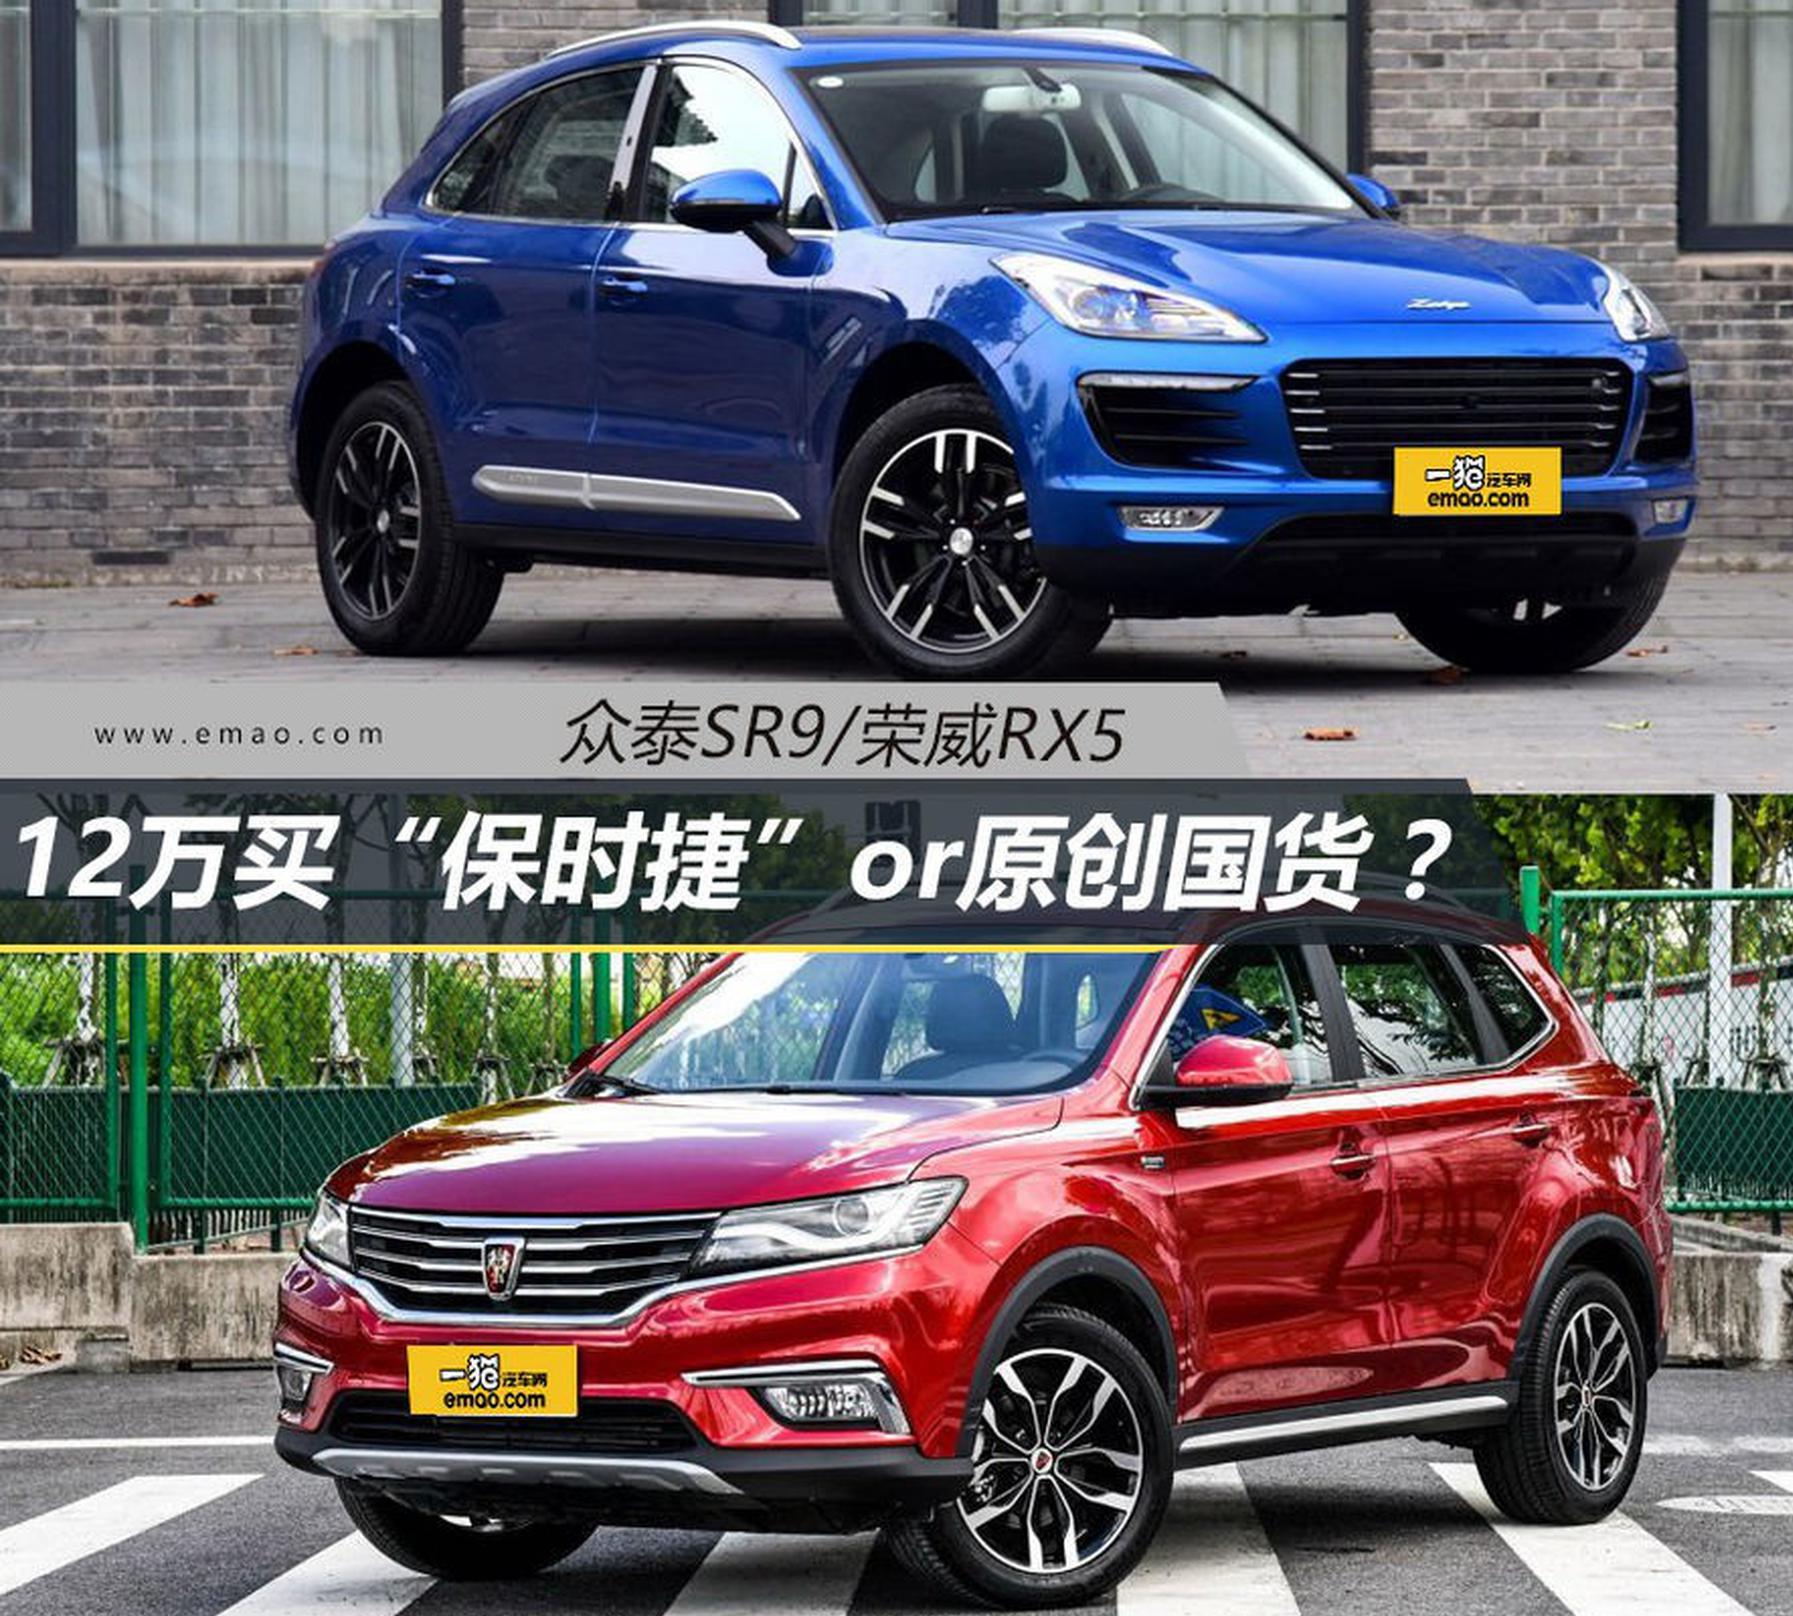 众泰SR9/荣威RX5 12万买山寨还是原创?